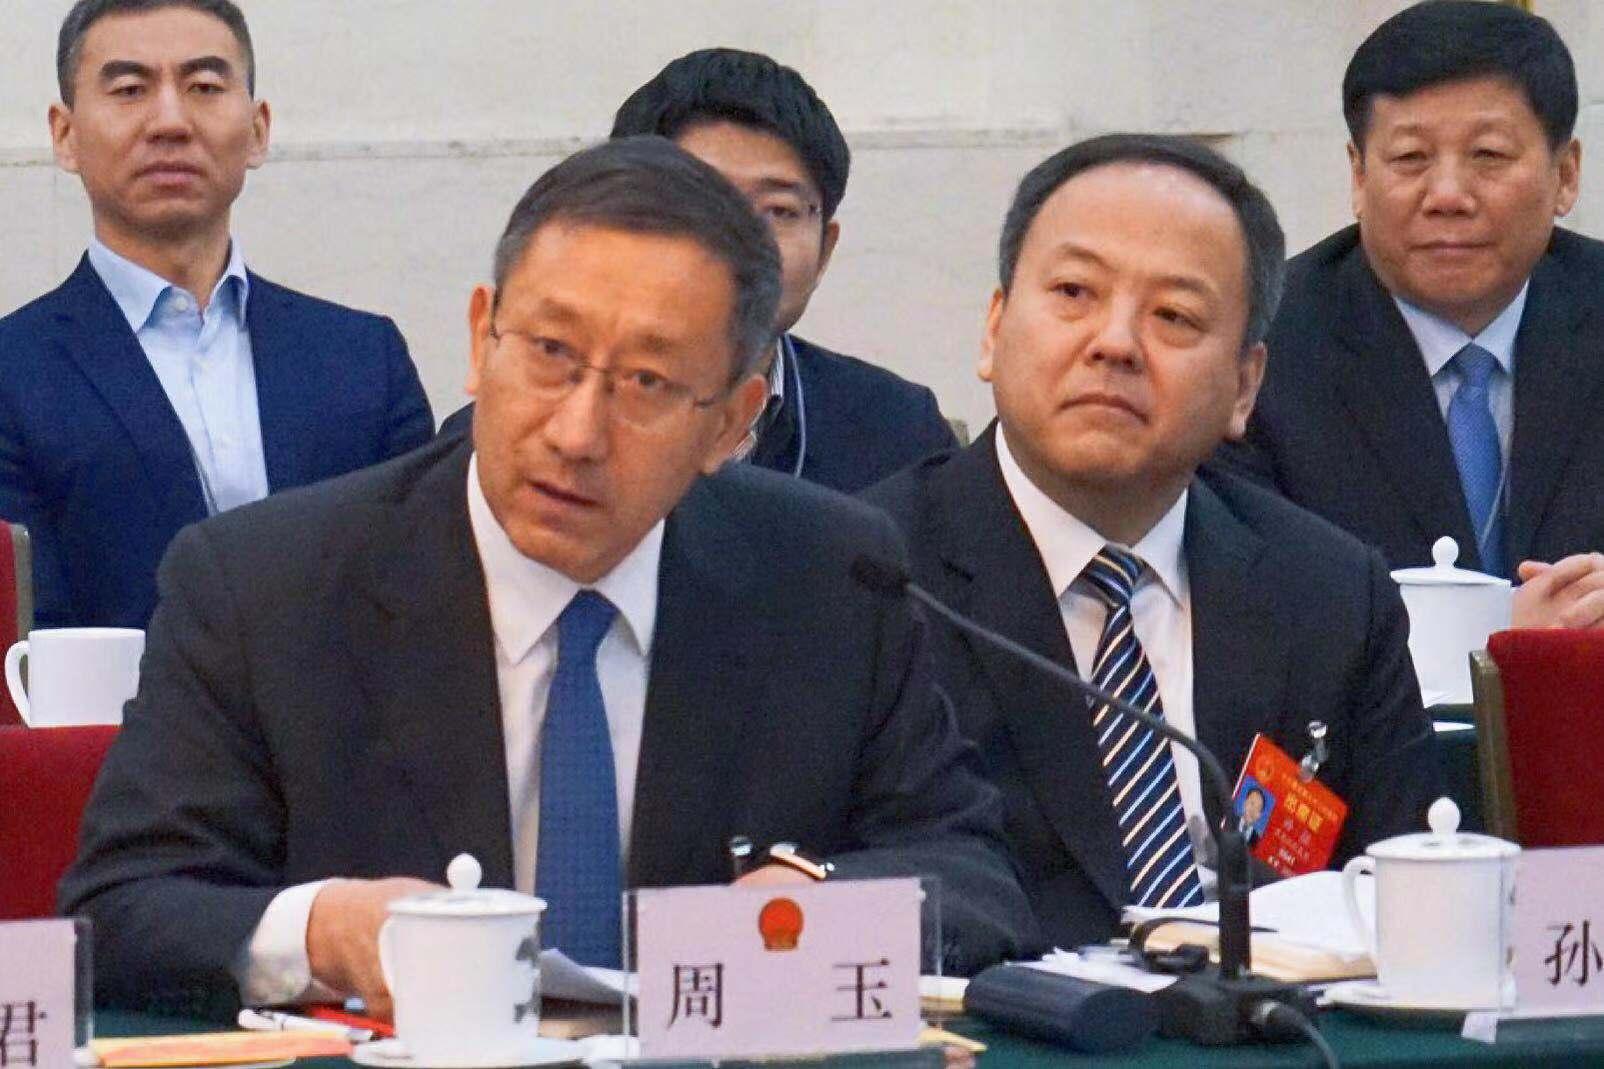 黑龙江代表团全体会议向媒体开放(组图五)